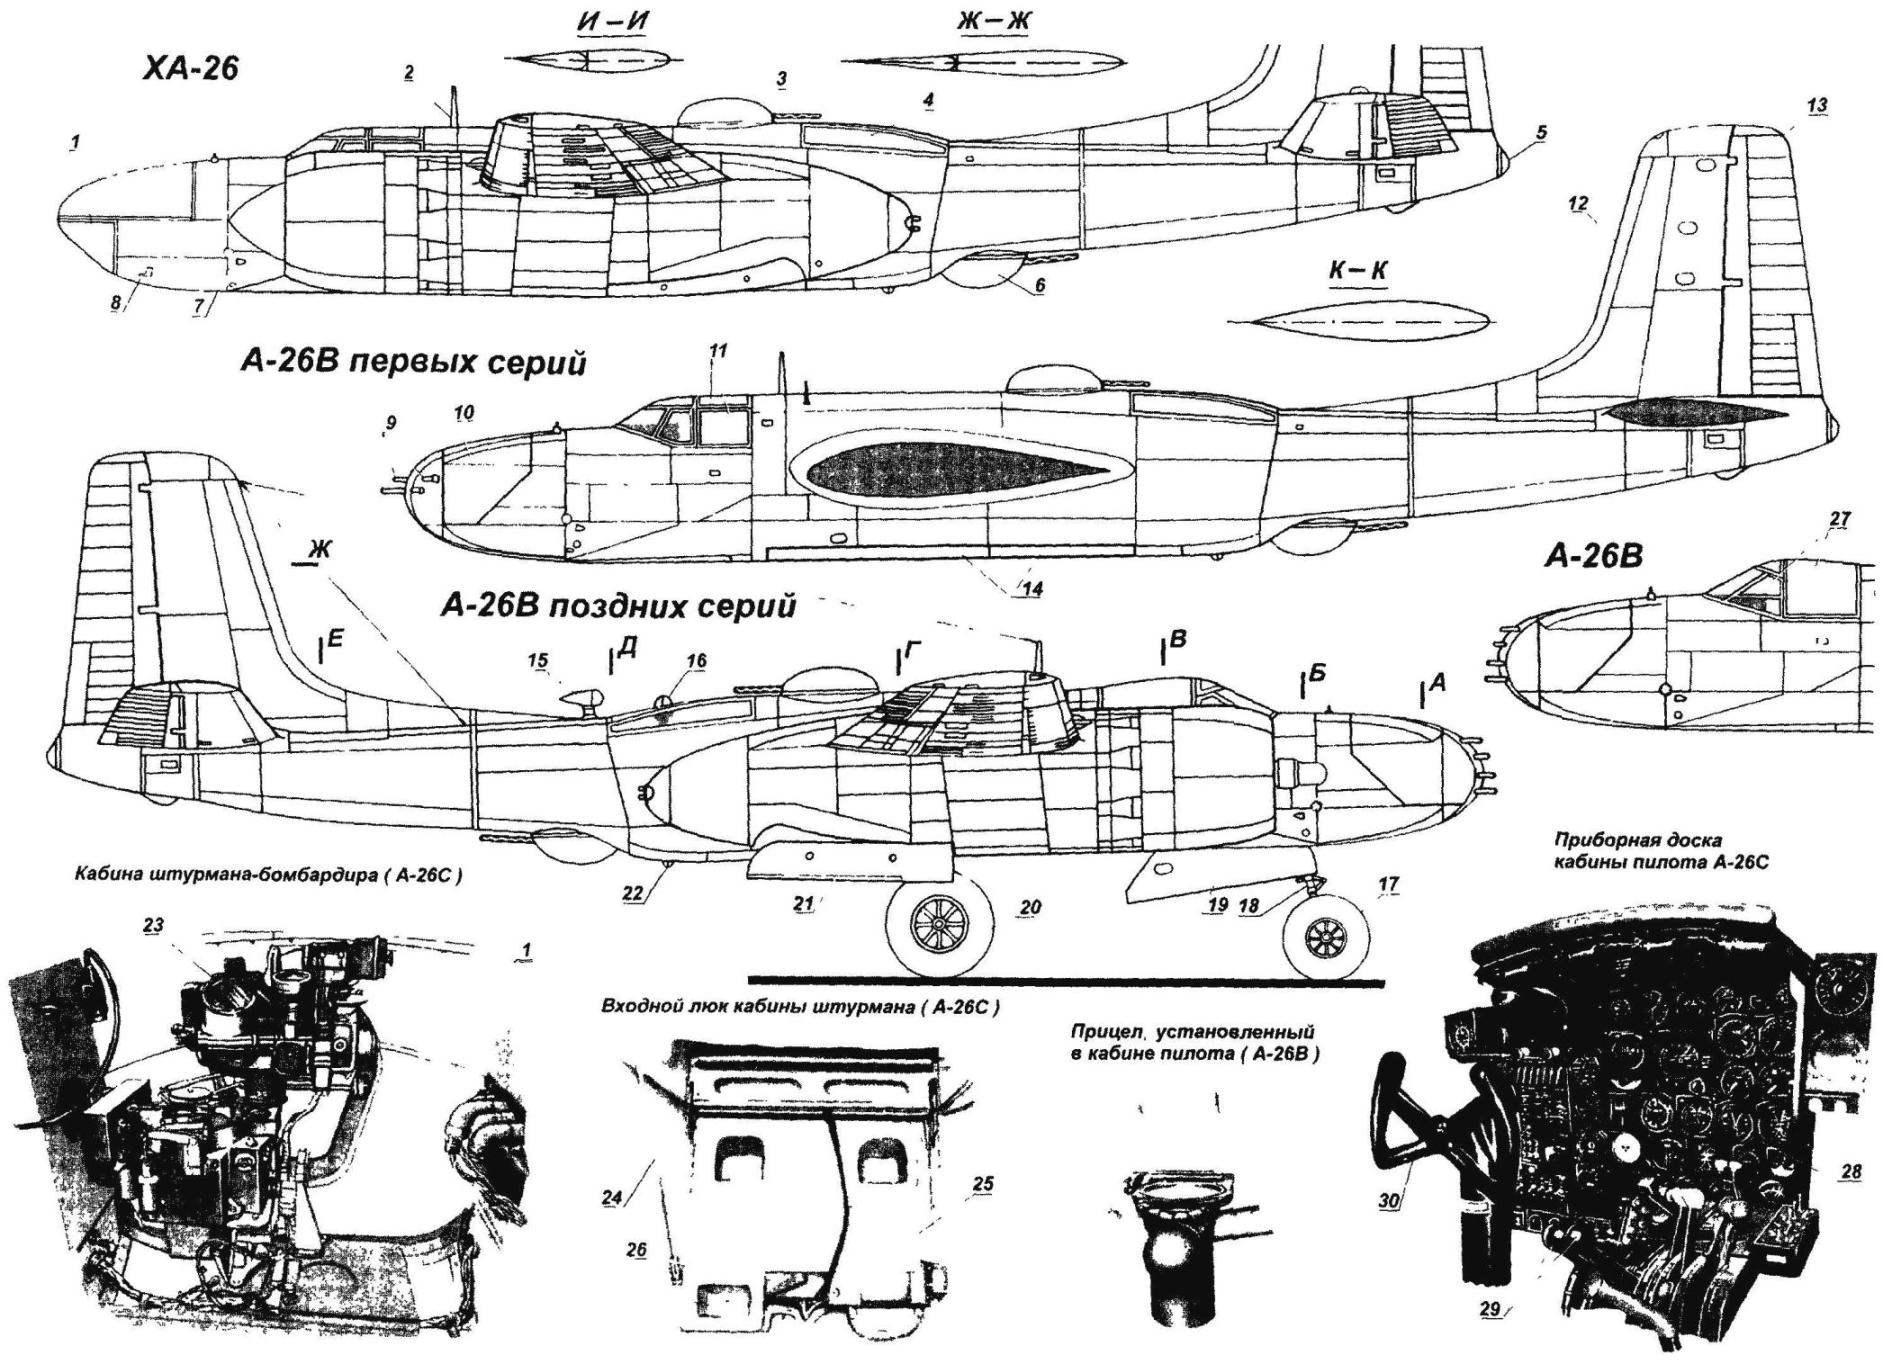 Бомбардировщик-штурмовик А-26 INVADER